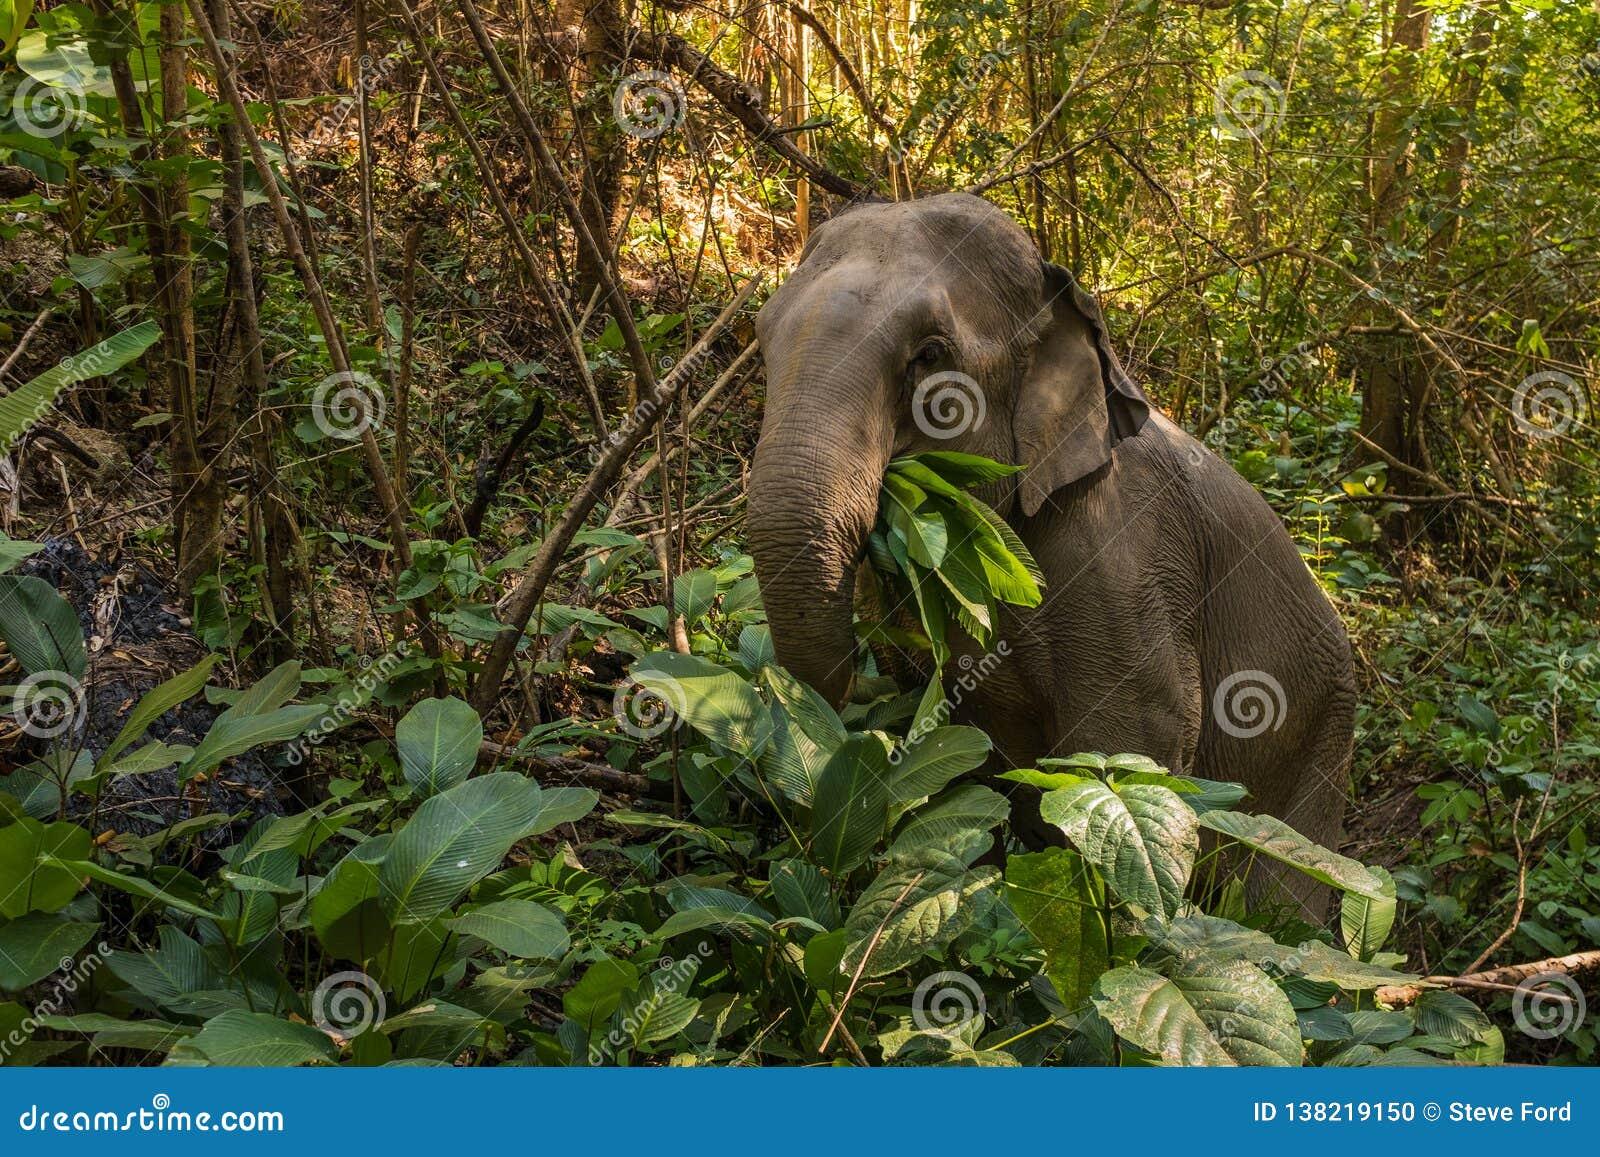 An eating asian elephant